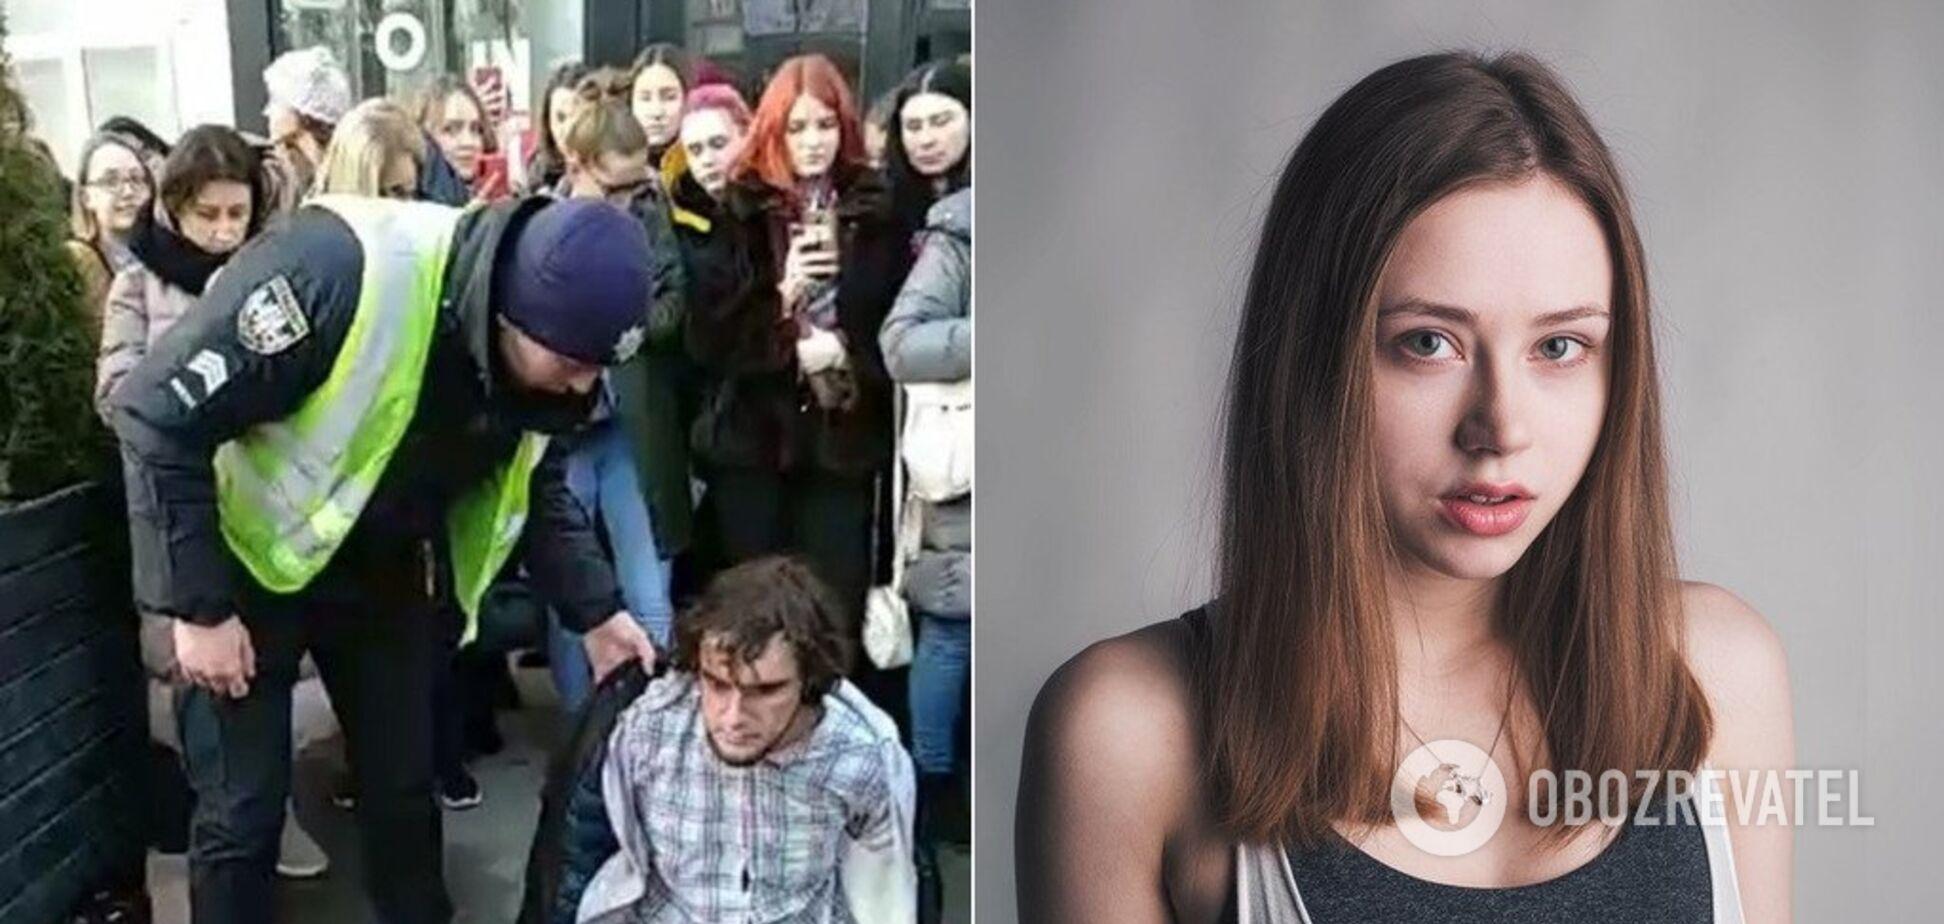 'Запретим въезд': появилась официальная реакция на скандал с 'русским миром' в Киеве